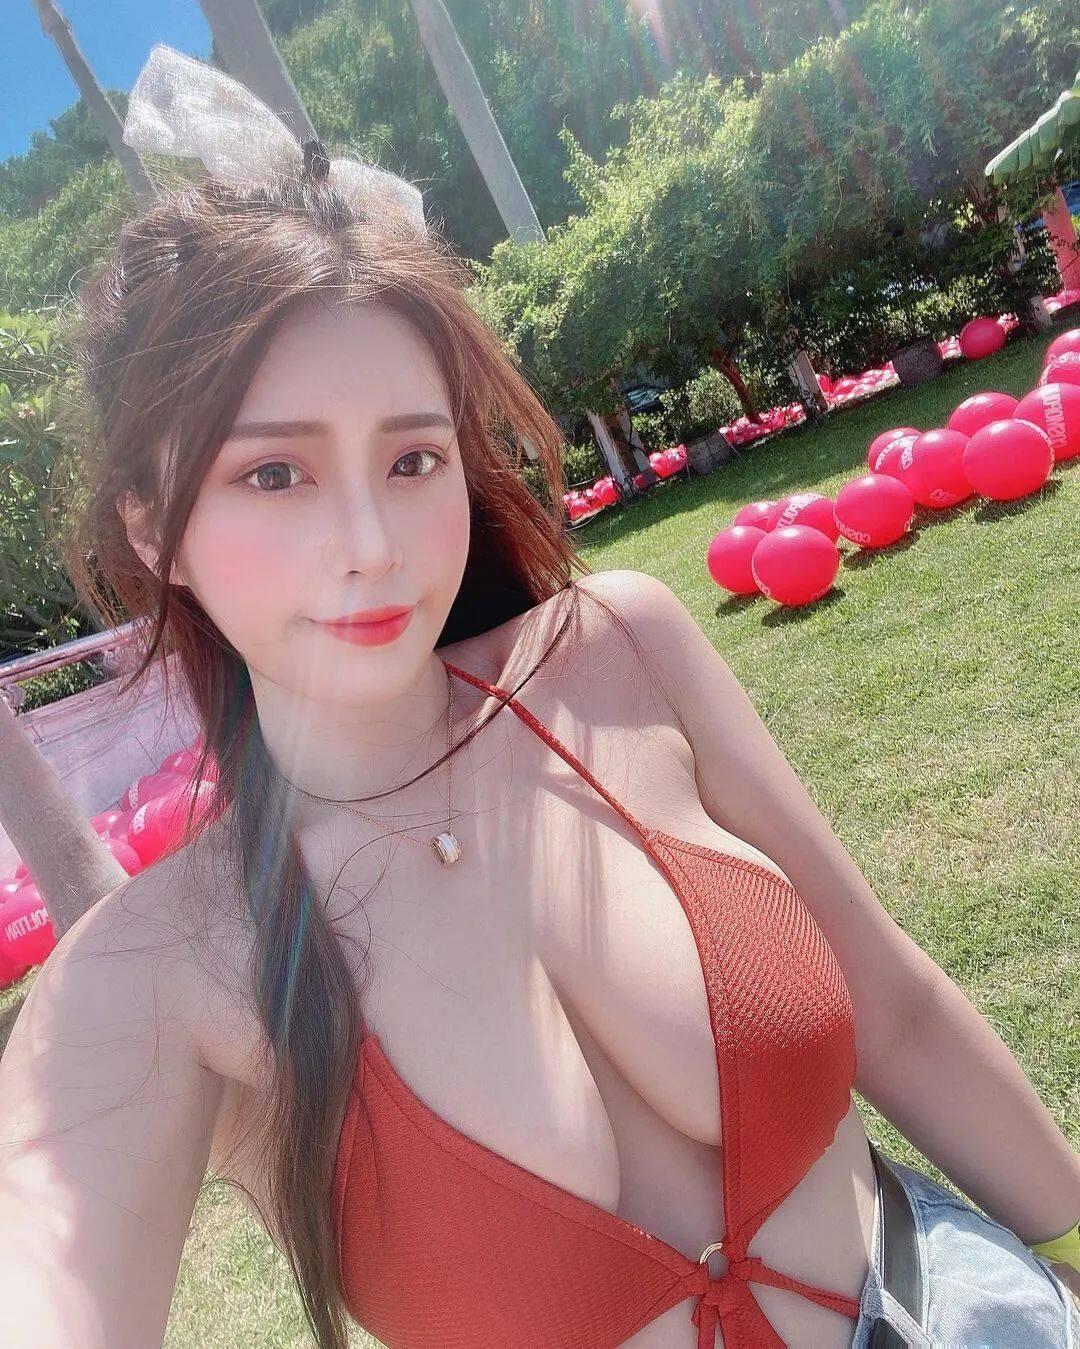 台湾网红Yumi.K穿低胸装上街惹争议!5